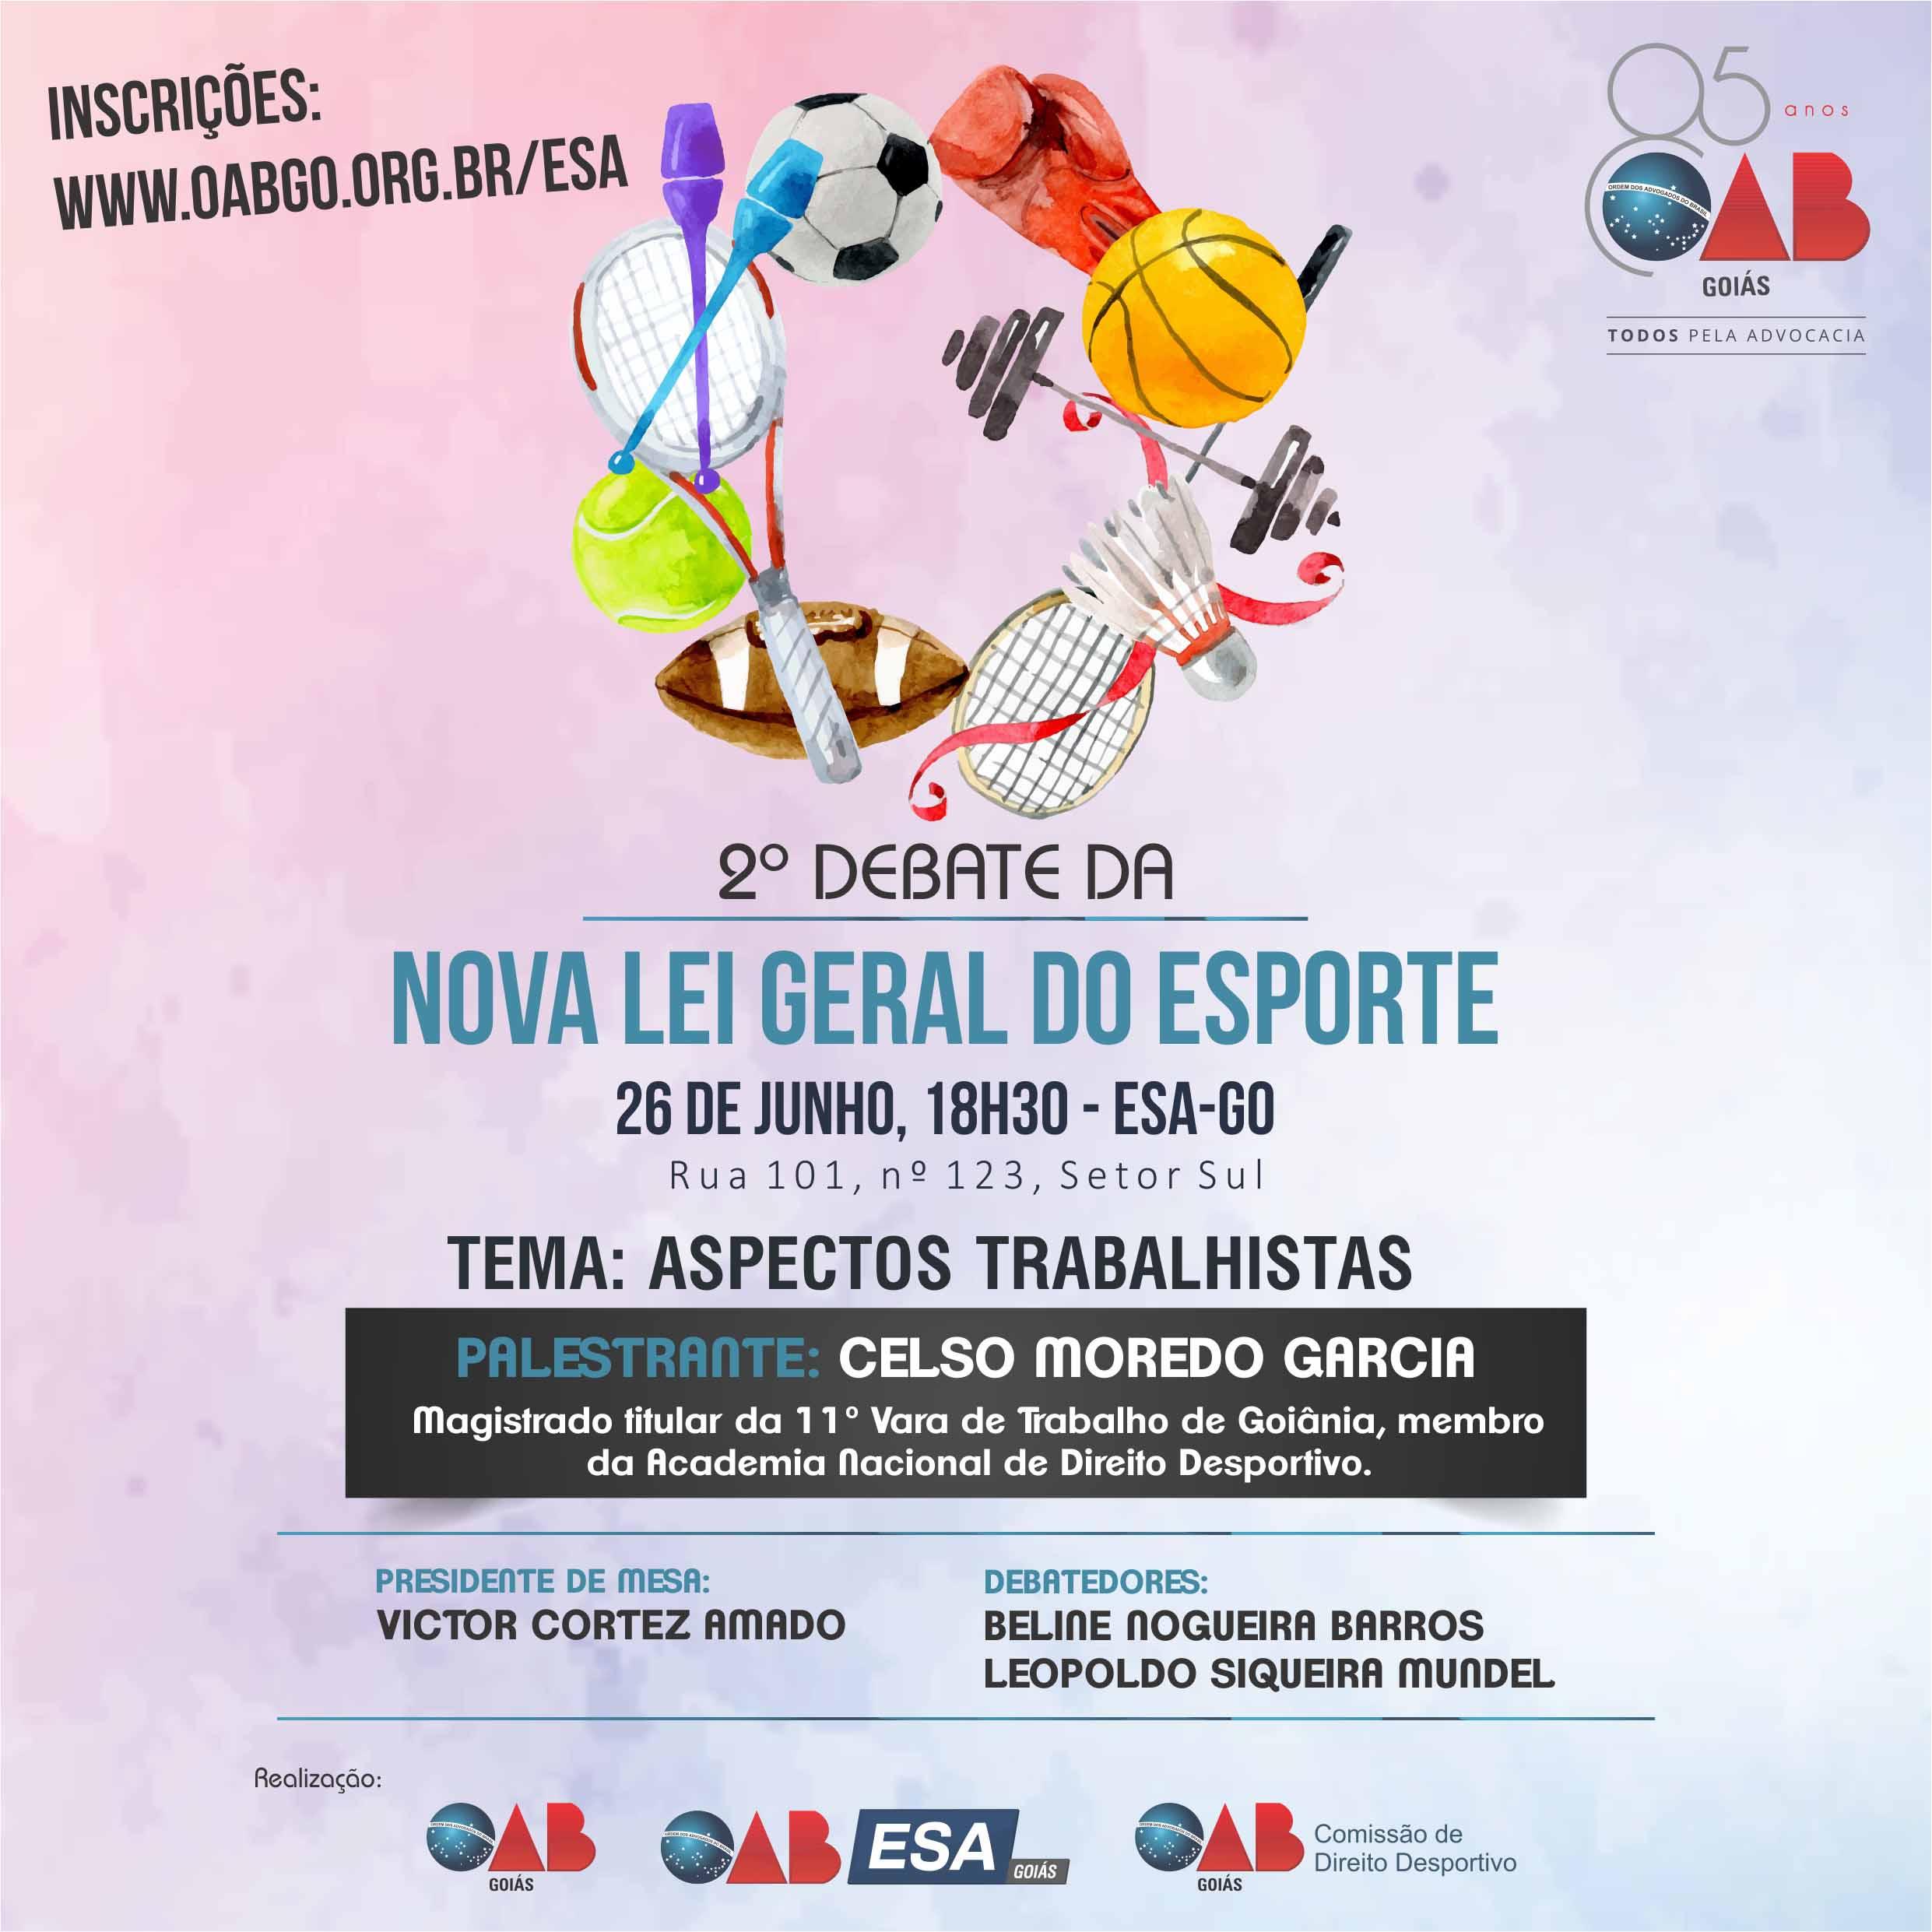 26.06 - 2º Debate da Nova Lei Geral do Esporte